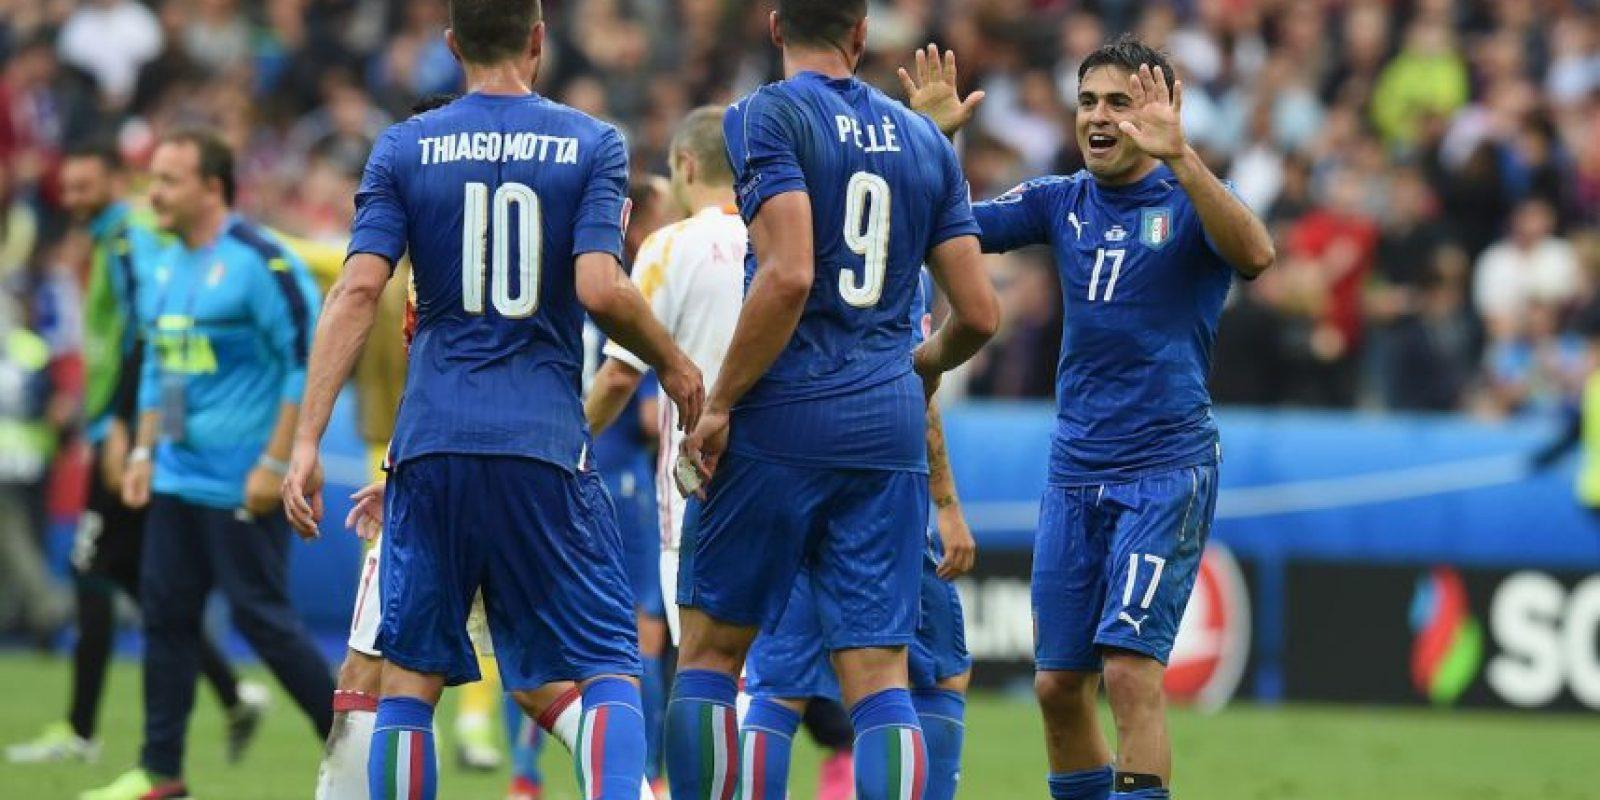 Los italianos vienen de vencer a España para clasificar a semifinales y han demostrado todas sus credenciales para ser campeones Foto:Getty Images